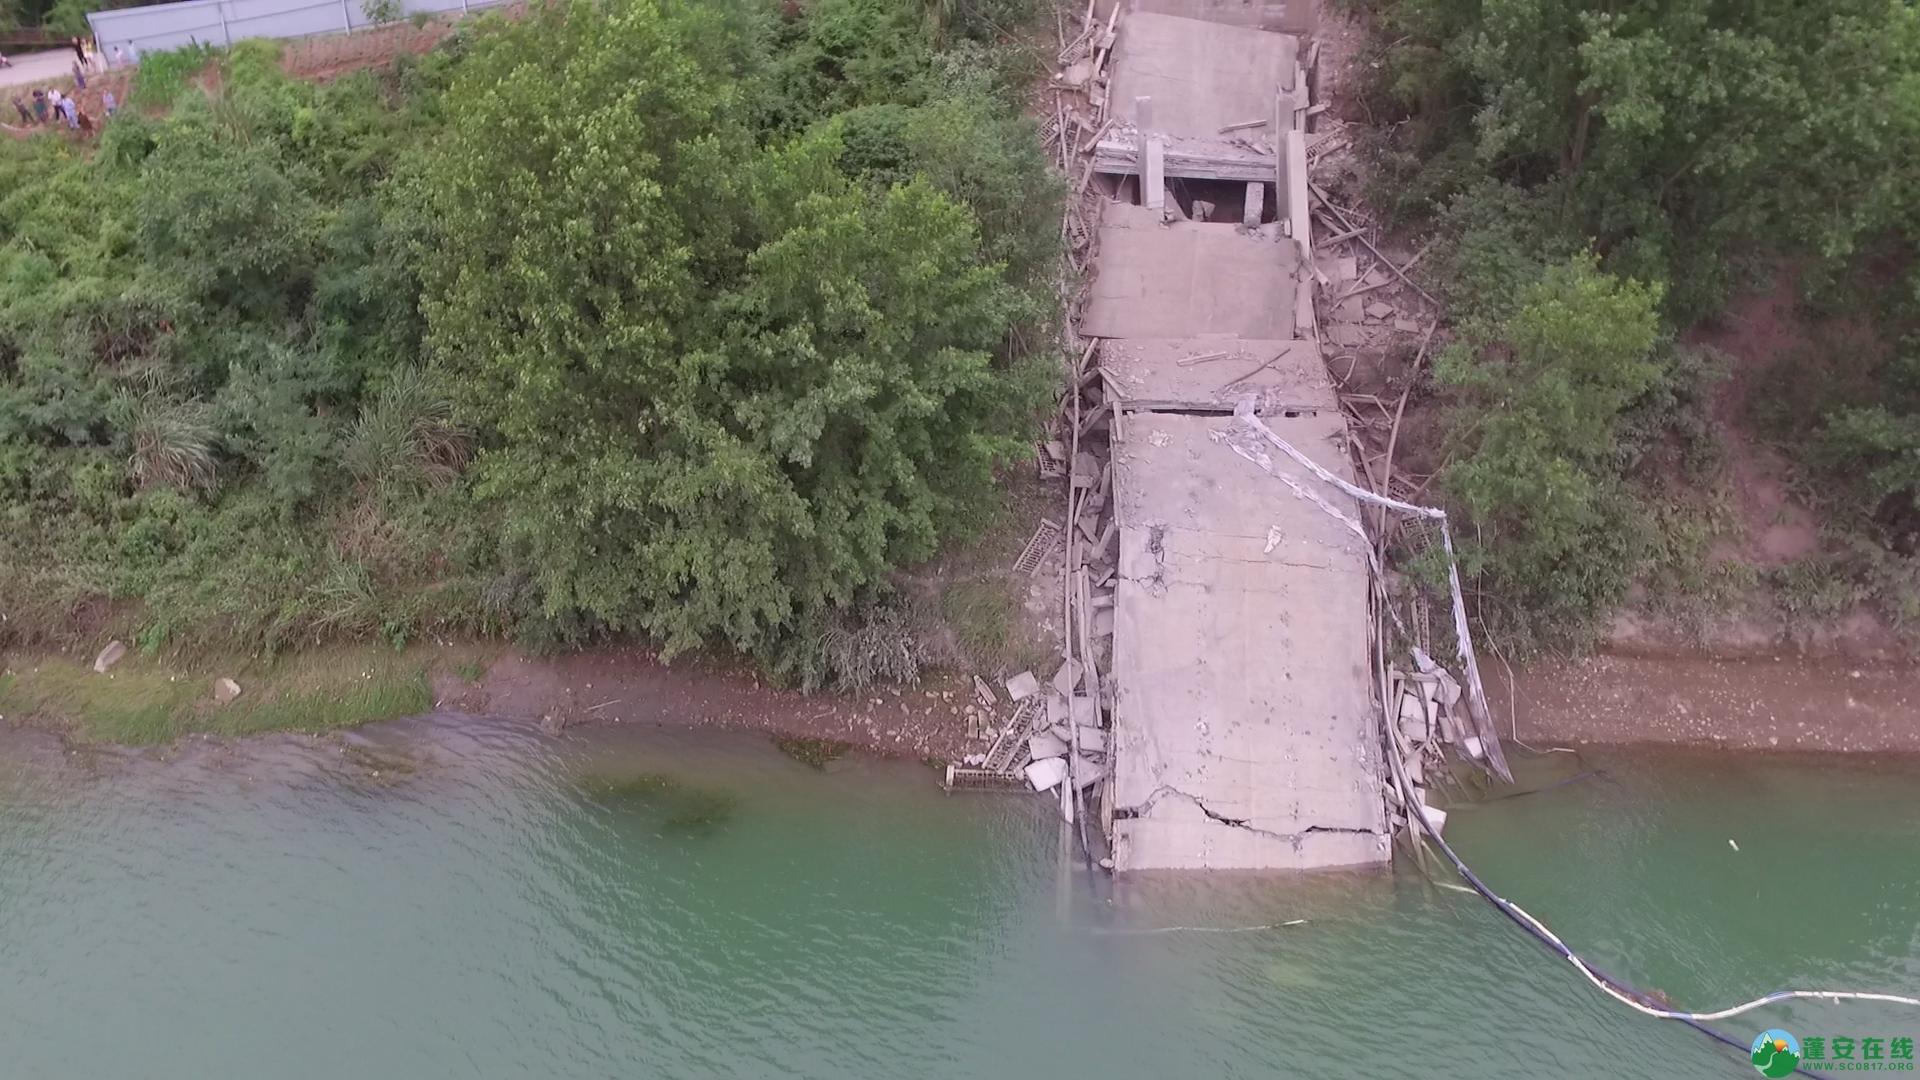 蓬安嘉陵江一桥成功爆破拆除 - 第18张  | 蓬安在线